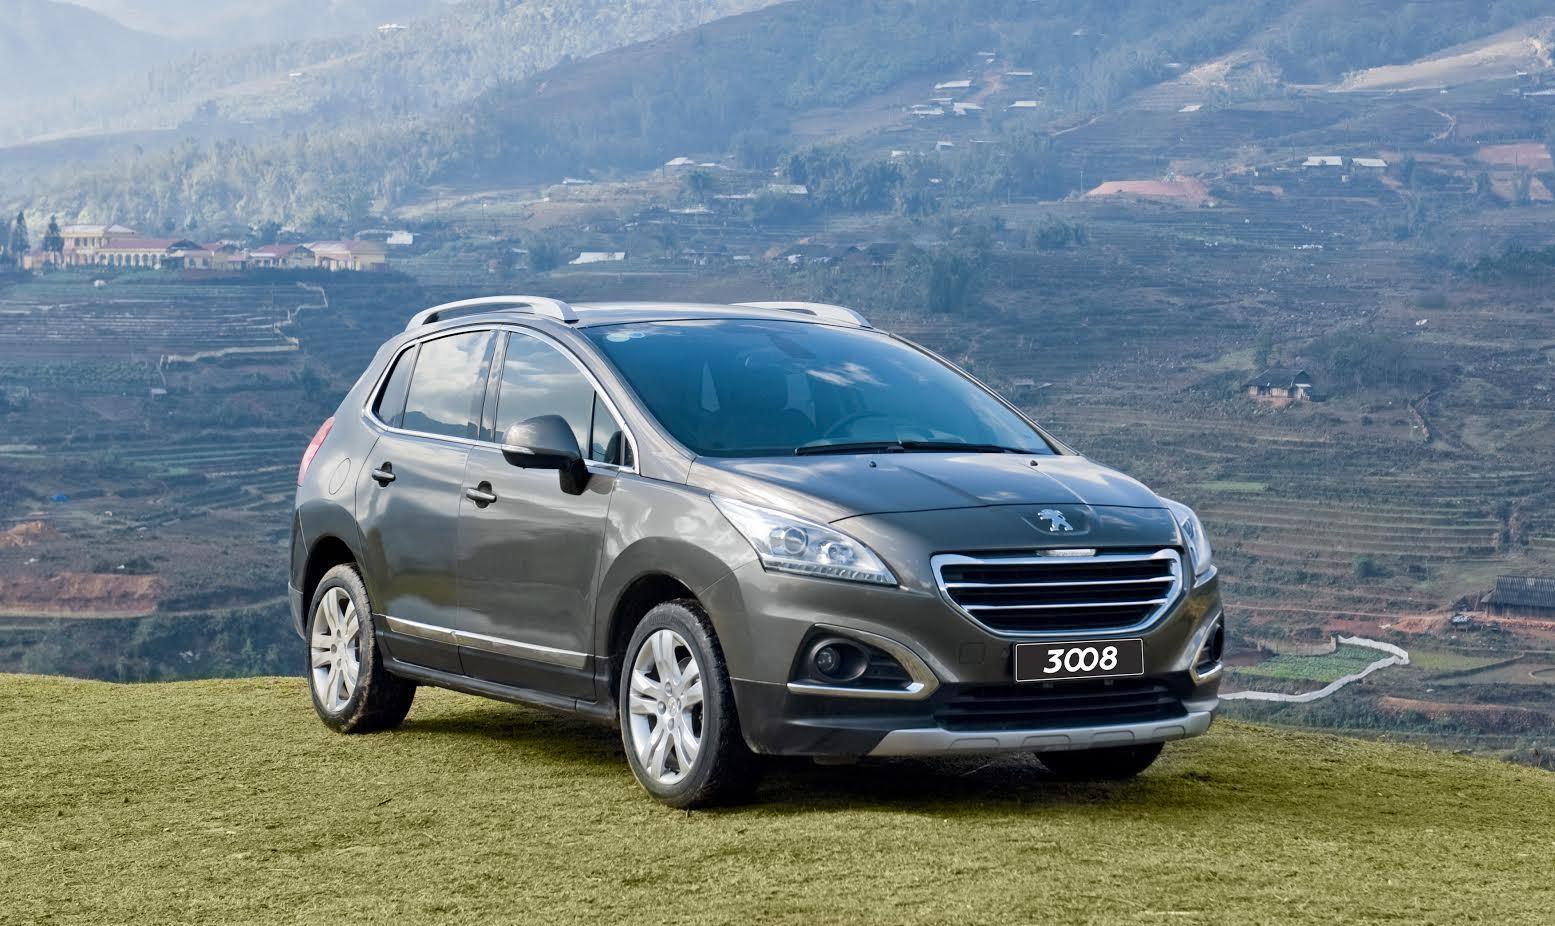 Sau Kia và Mazda, đến lượt Peugeot giảm giá xe tại Việt Nam